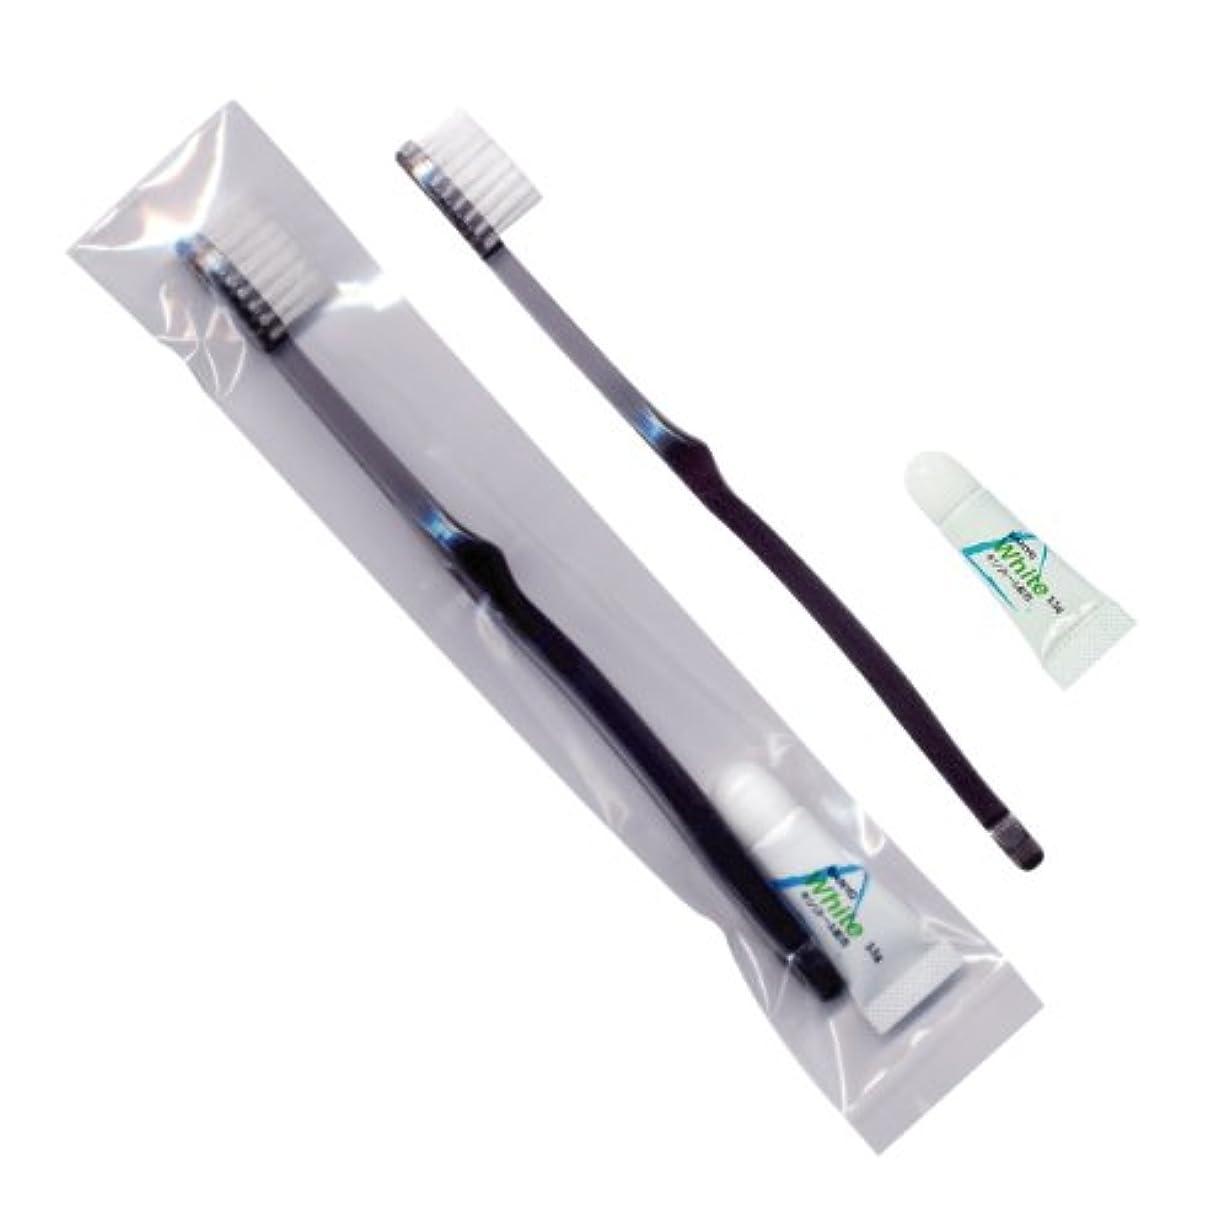 環境に優しい貞穿孔するホテル業務用歯ブラシ28穴(スモーク)3.5gチューブ OP袋Sタイプ 50本